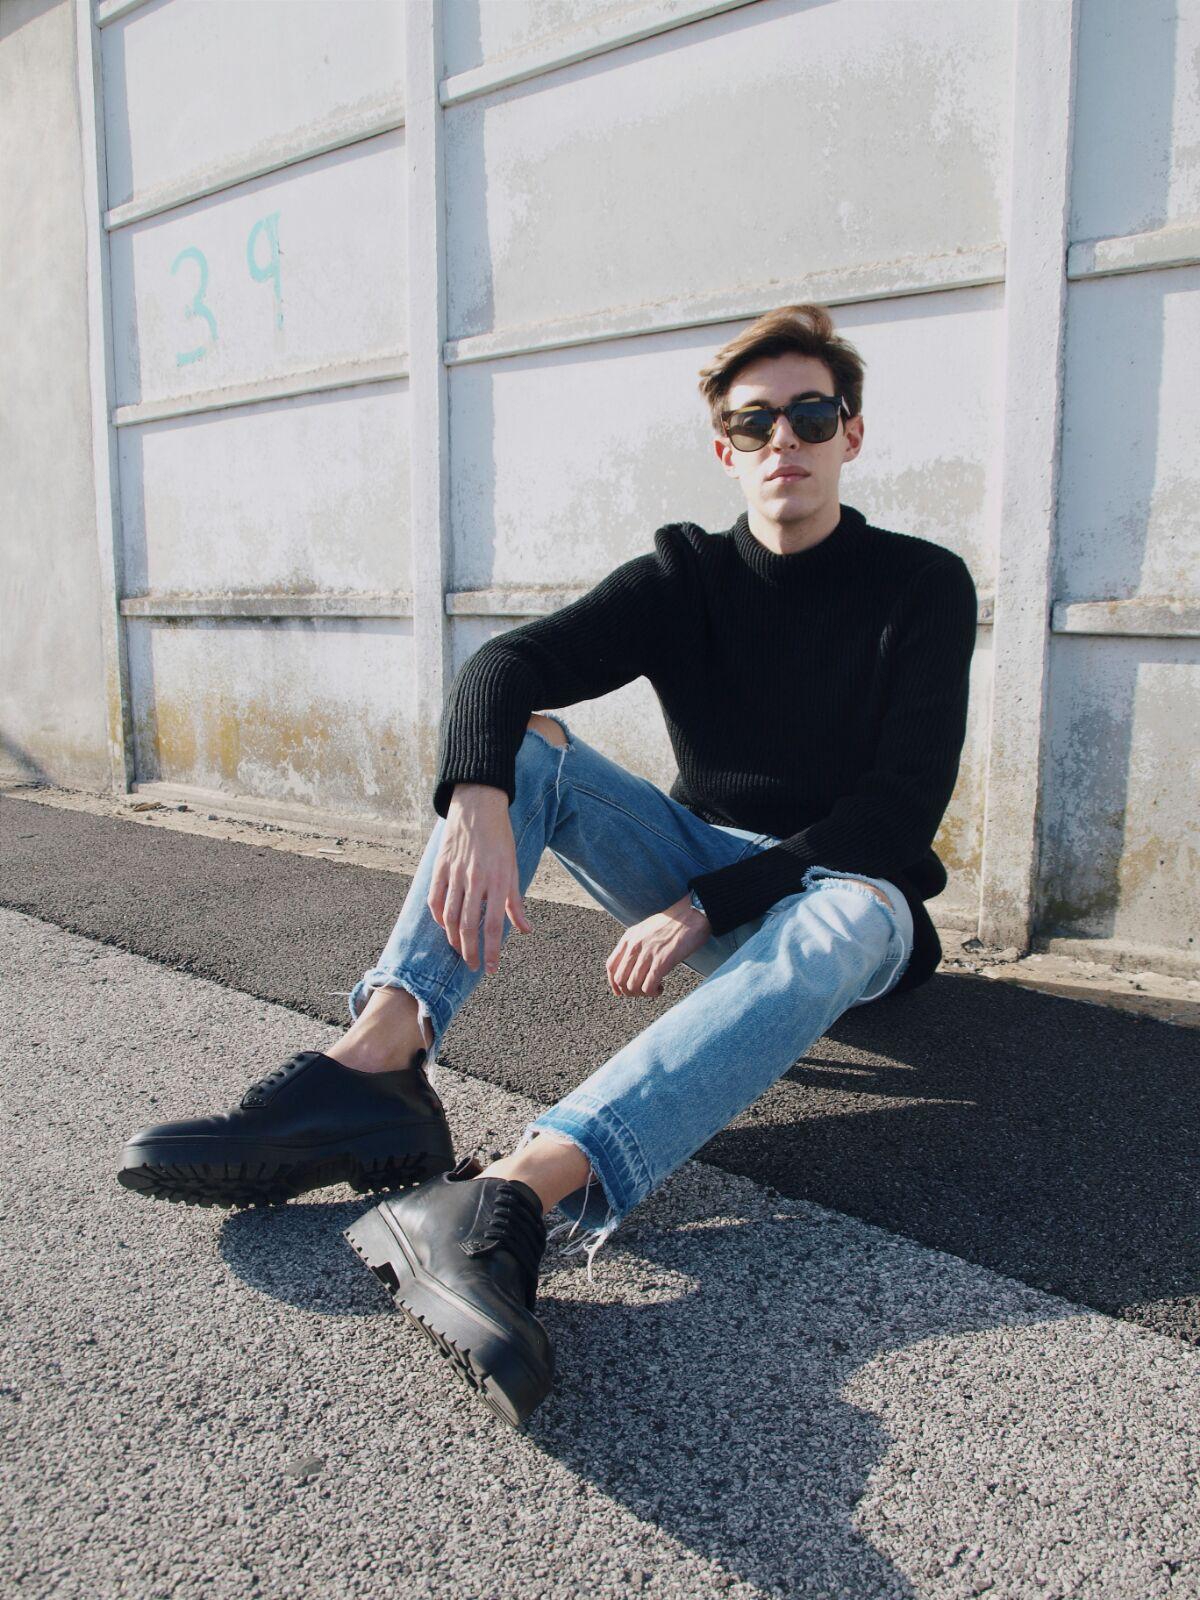 coastalandco-blog-blogger-hendaye-mode-moda-fashion-homme-man-hombre-zara-komono-casual-destroy-perkin-black-shoes